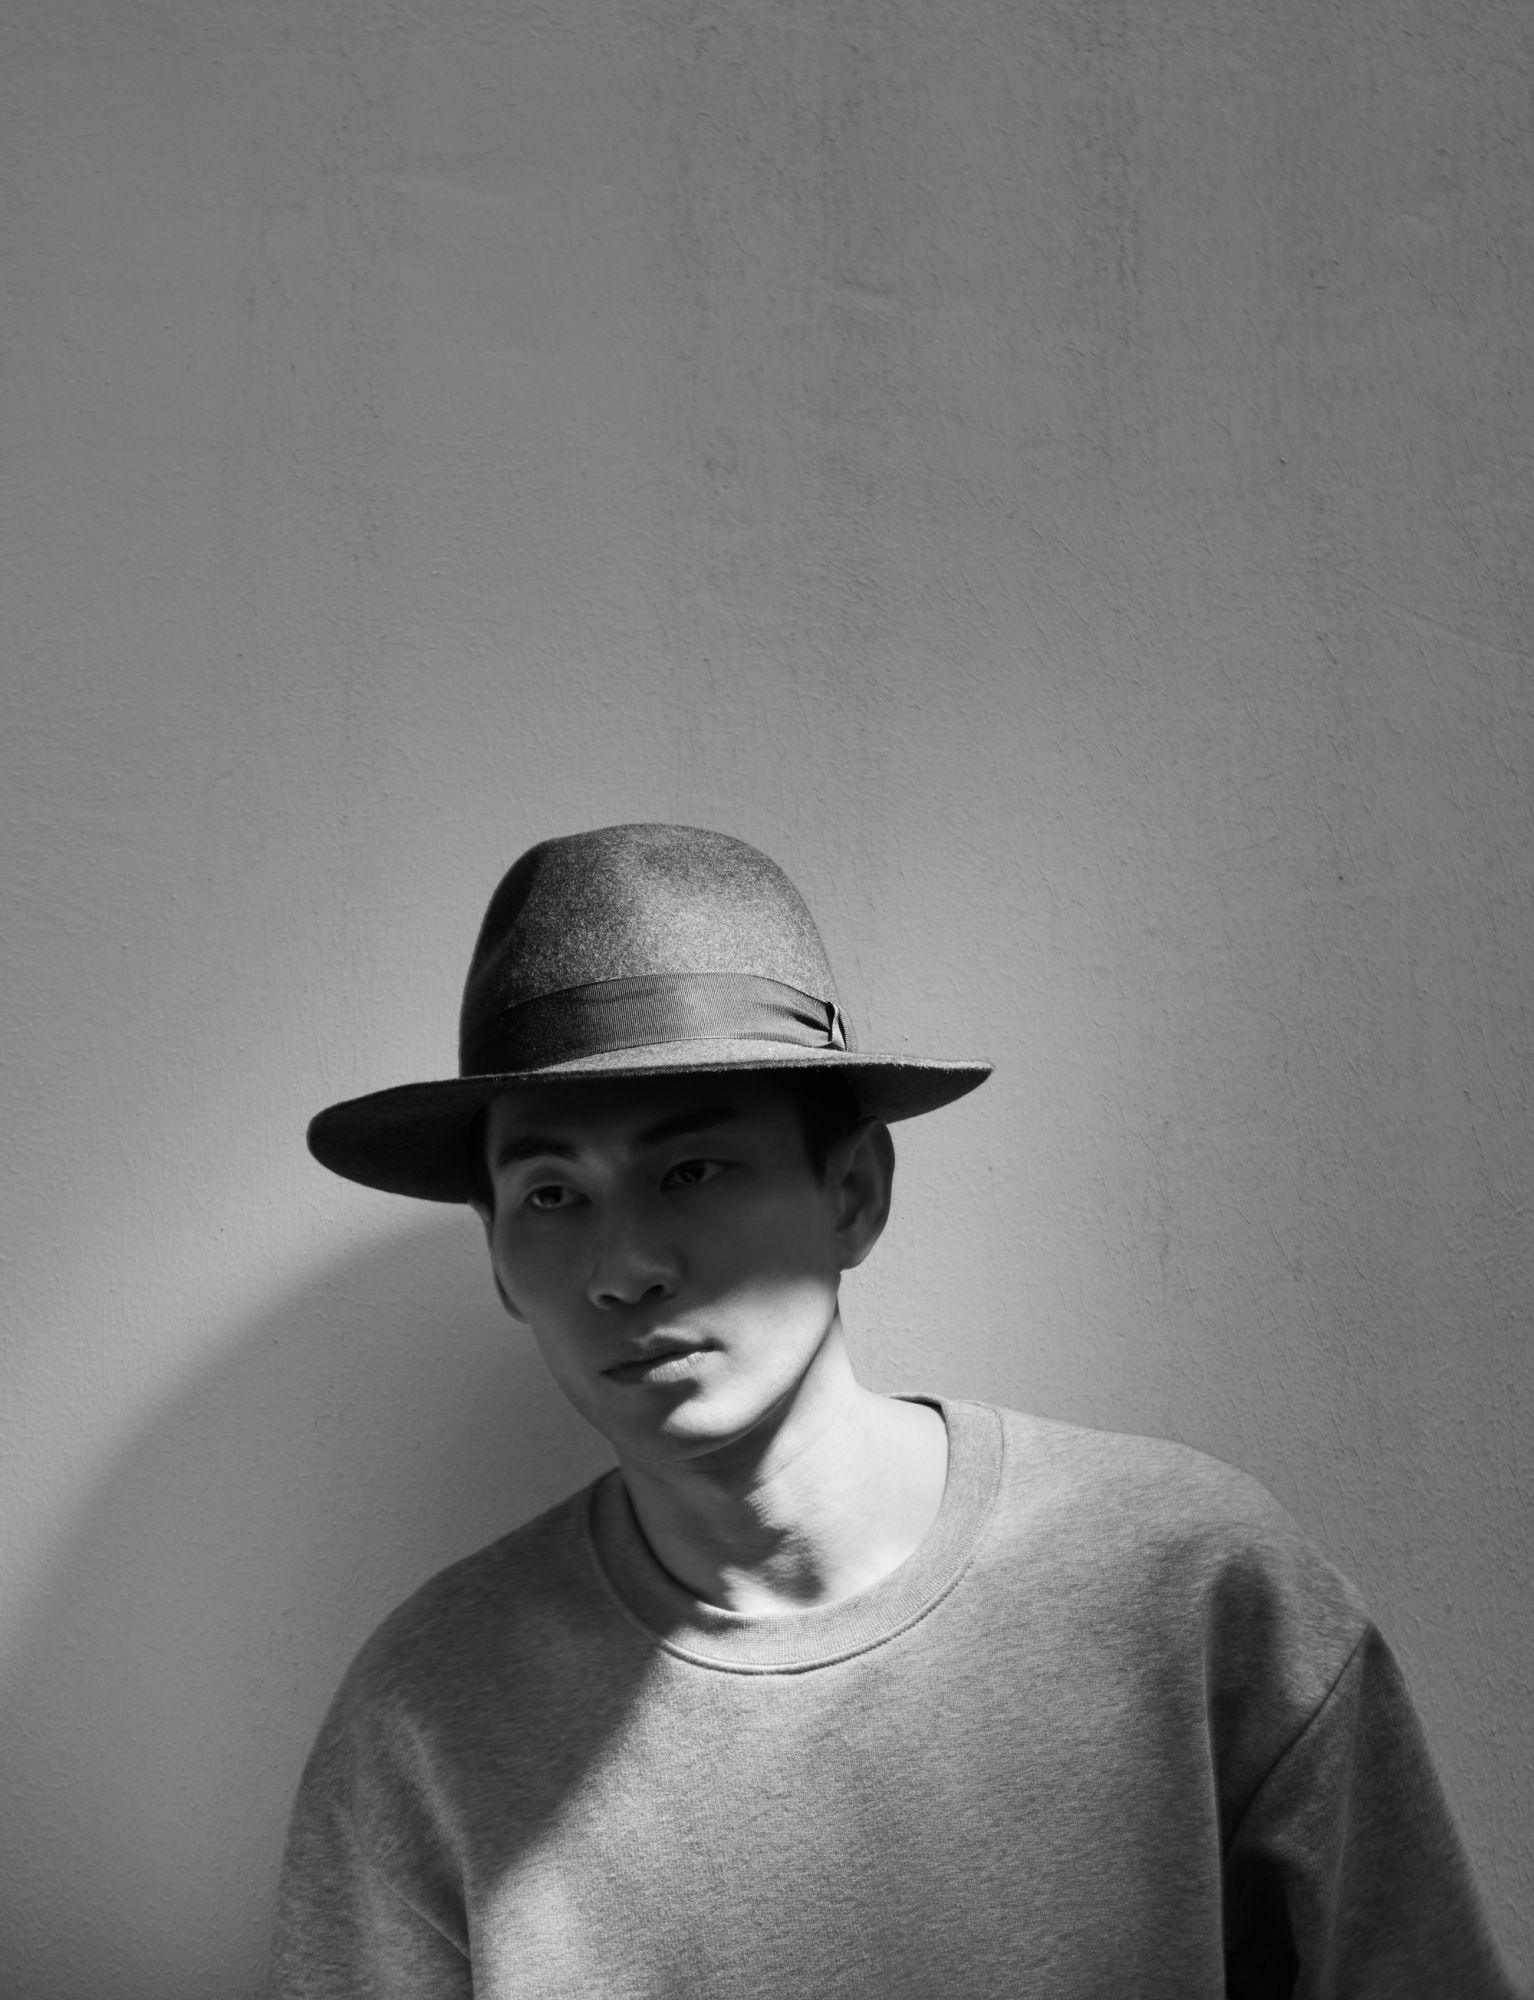 Image: Han Chong